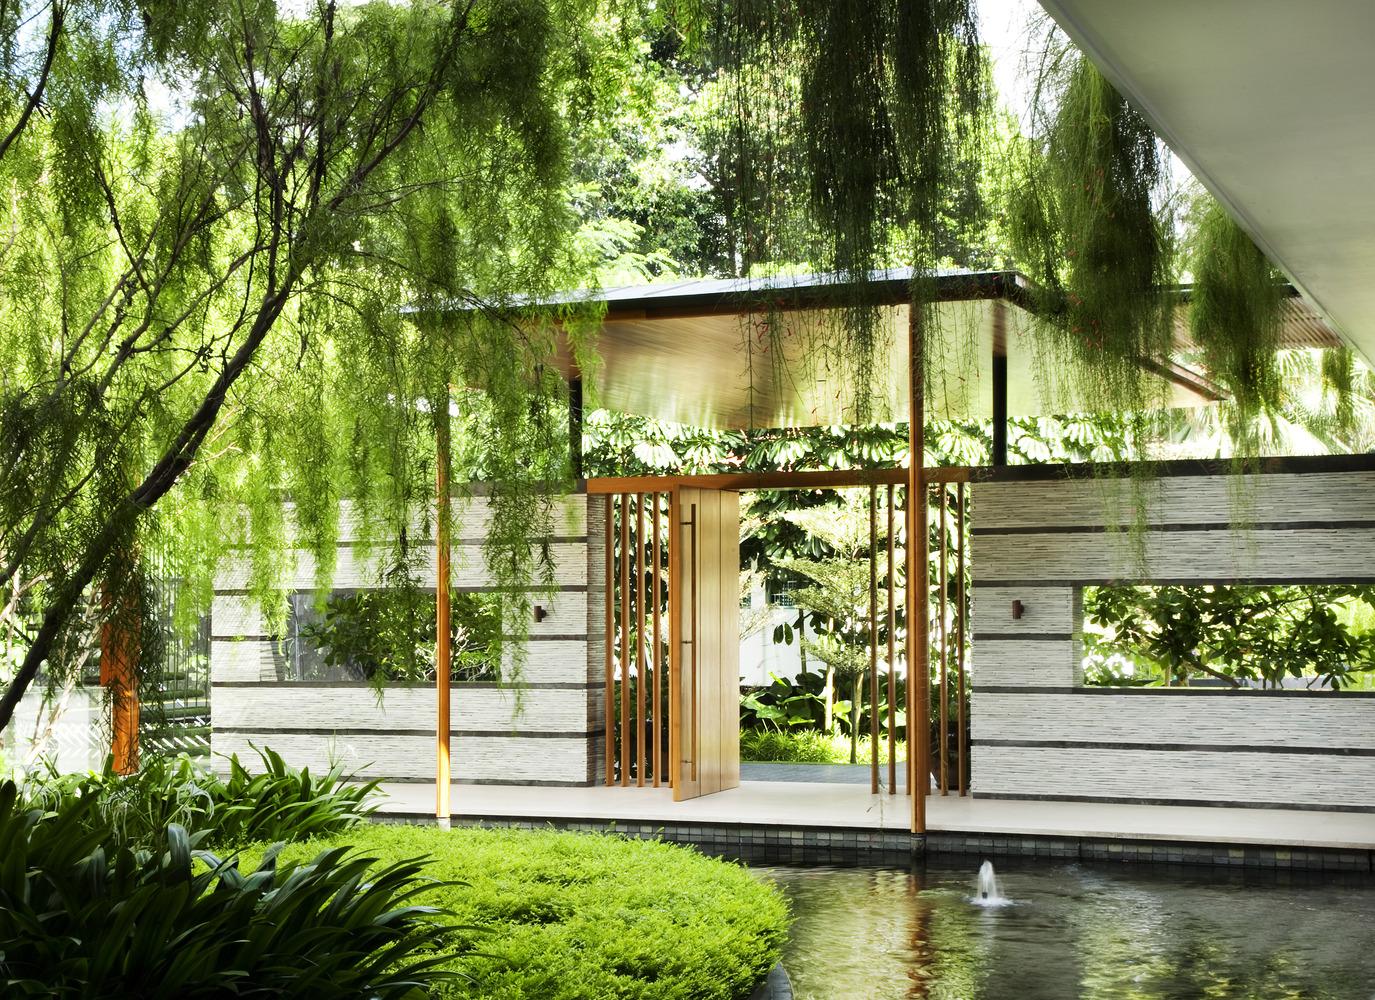 willow-house-termeszetkozelben-noko-05.jpg